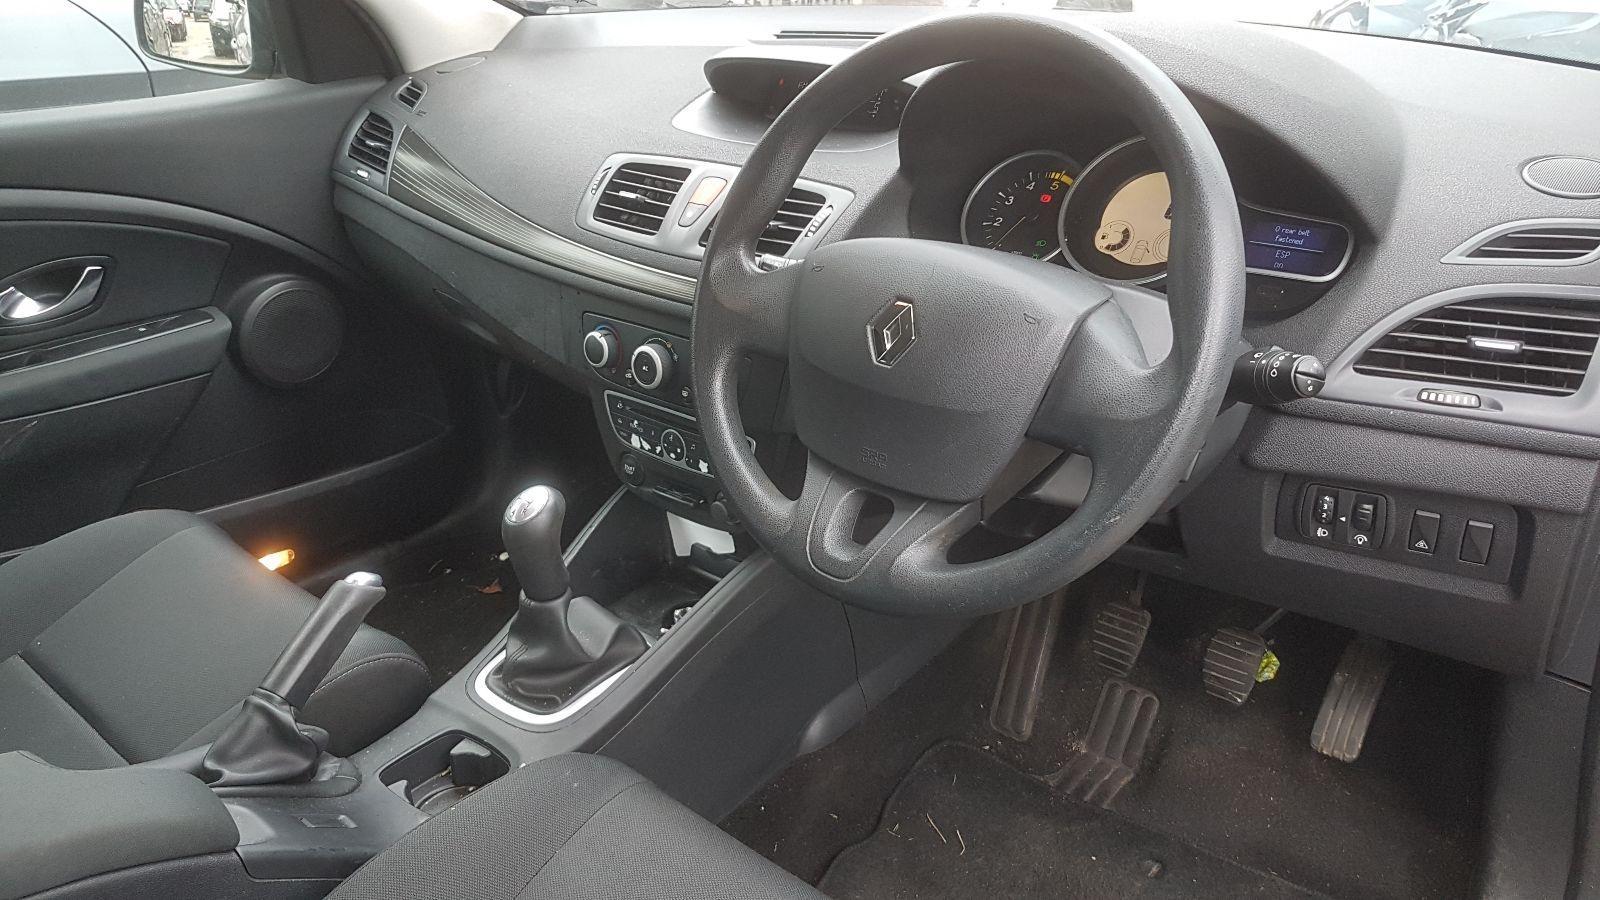 View Auto part Renault Megane 2010 5 Door Hatchback